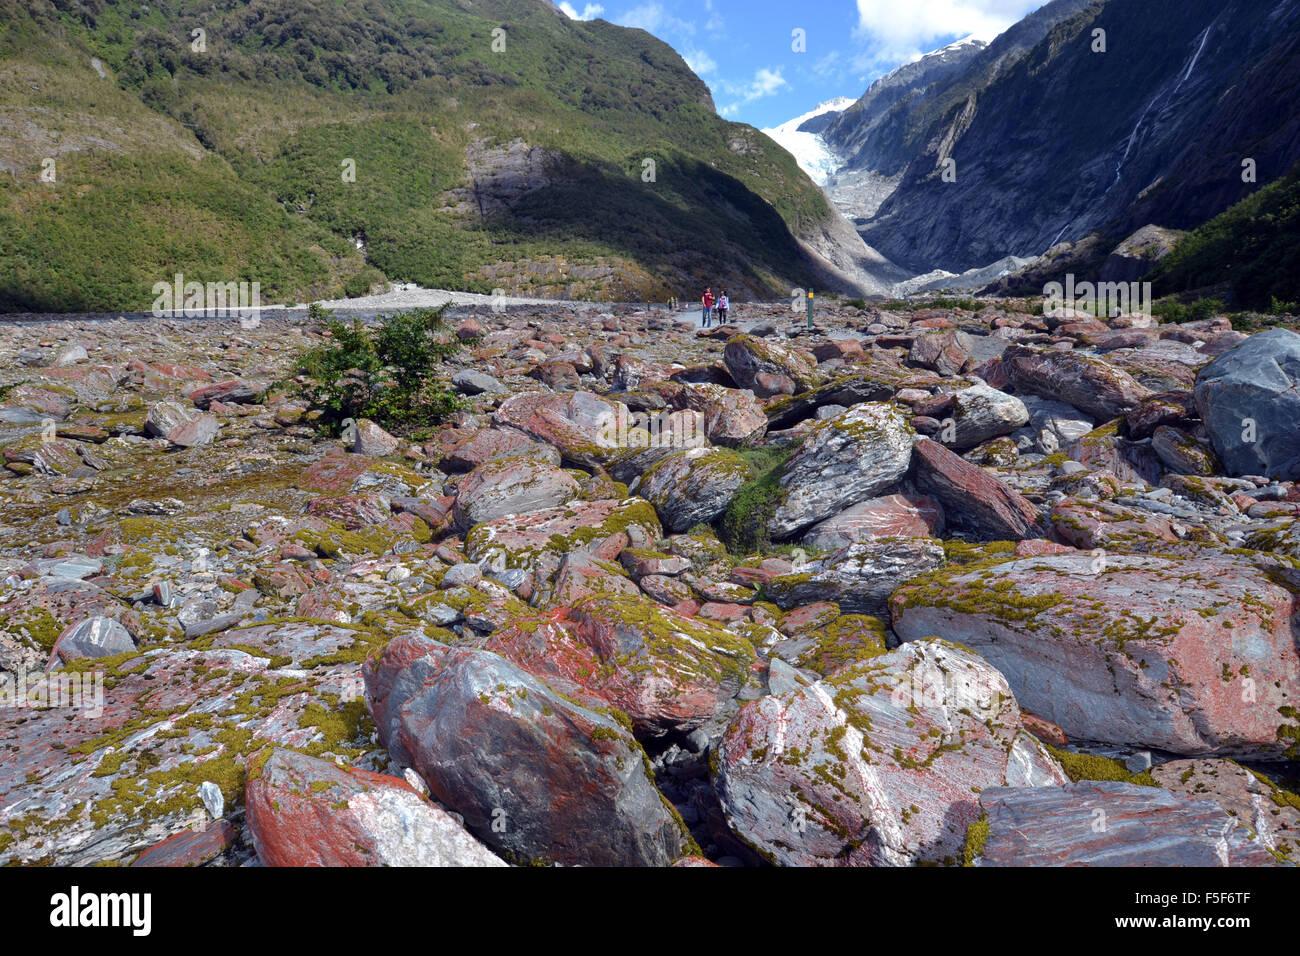 Rocce al ghiacciaio Franz Josef, un ghiacciaio a fondere a causa del cambiamento climatico, Franz Josef, Isola del Immagini Stock